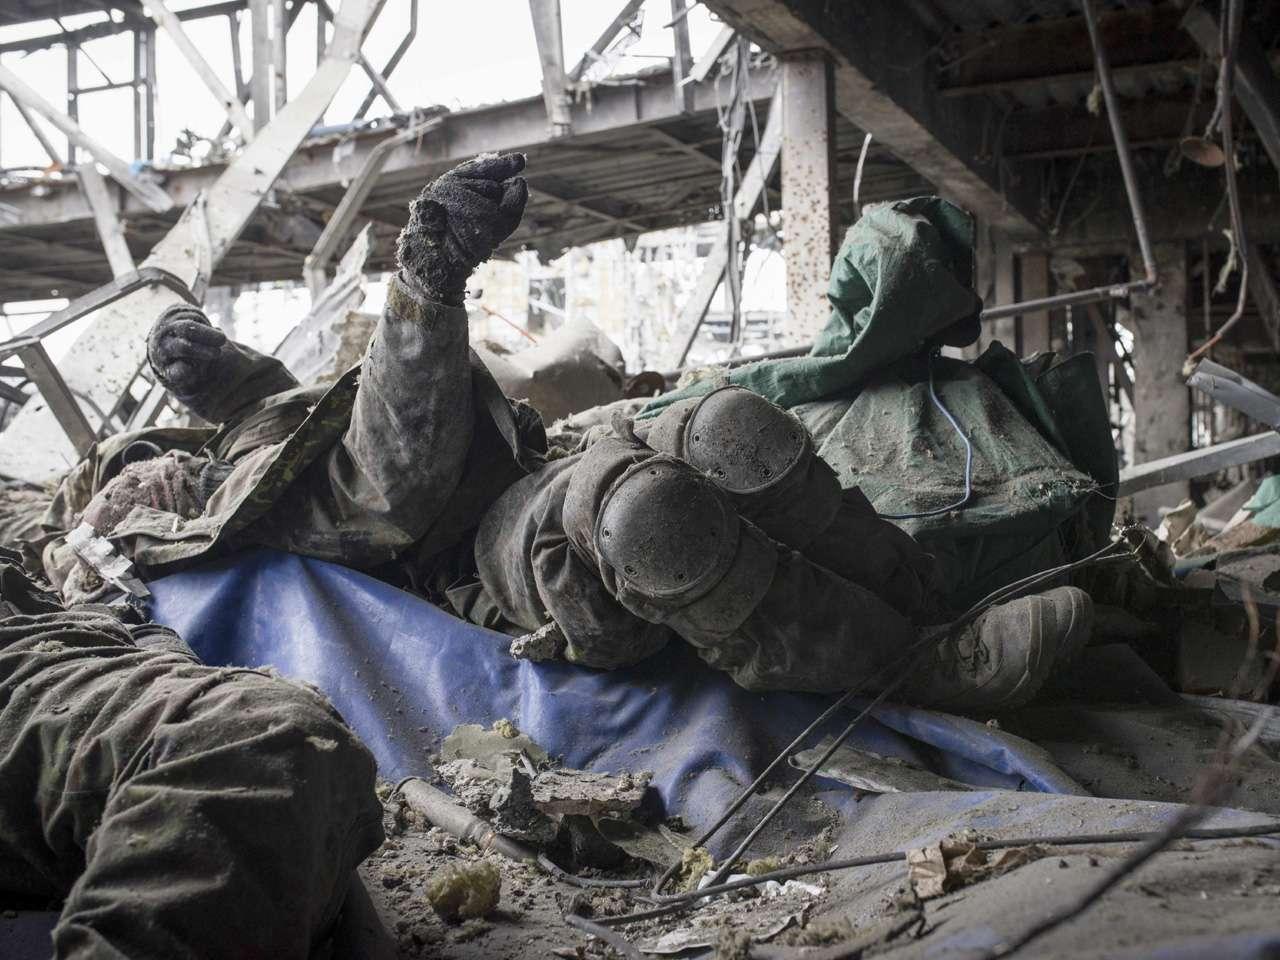 Vista de los restos mortales de varios soldados ucranianos en el destrozado aeropuerto internacional de Donetsk. Foto: EFE en español